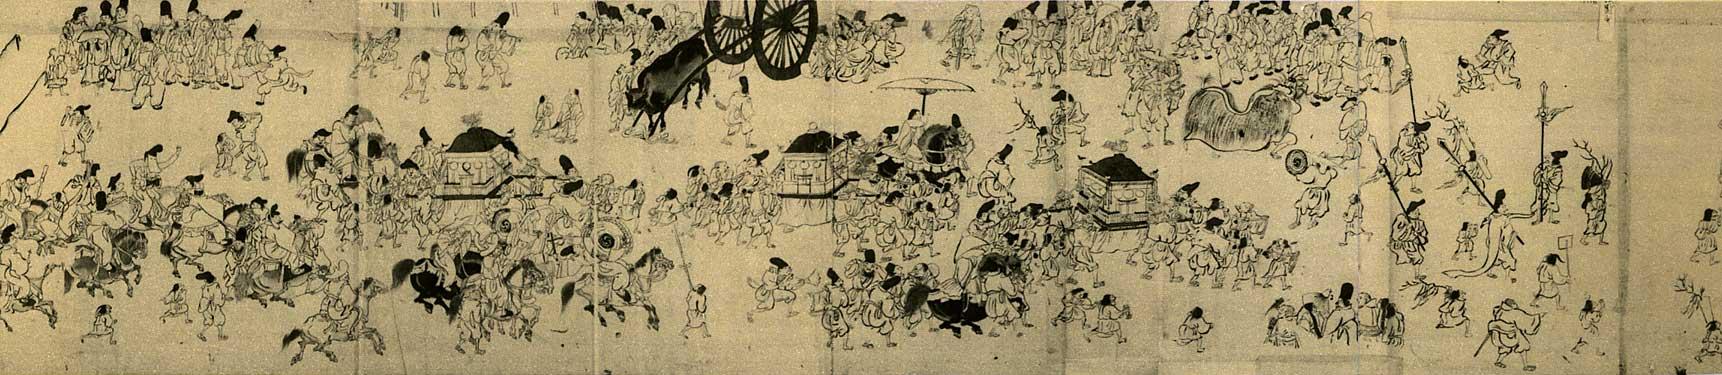 年中行事絵巻祇園祭